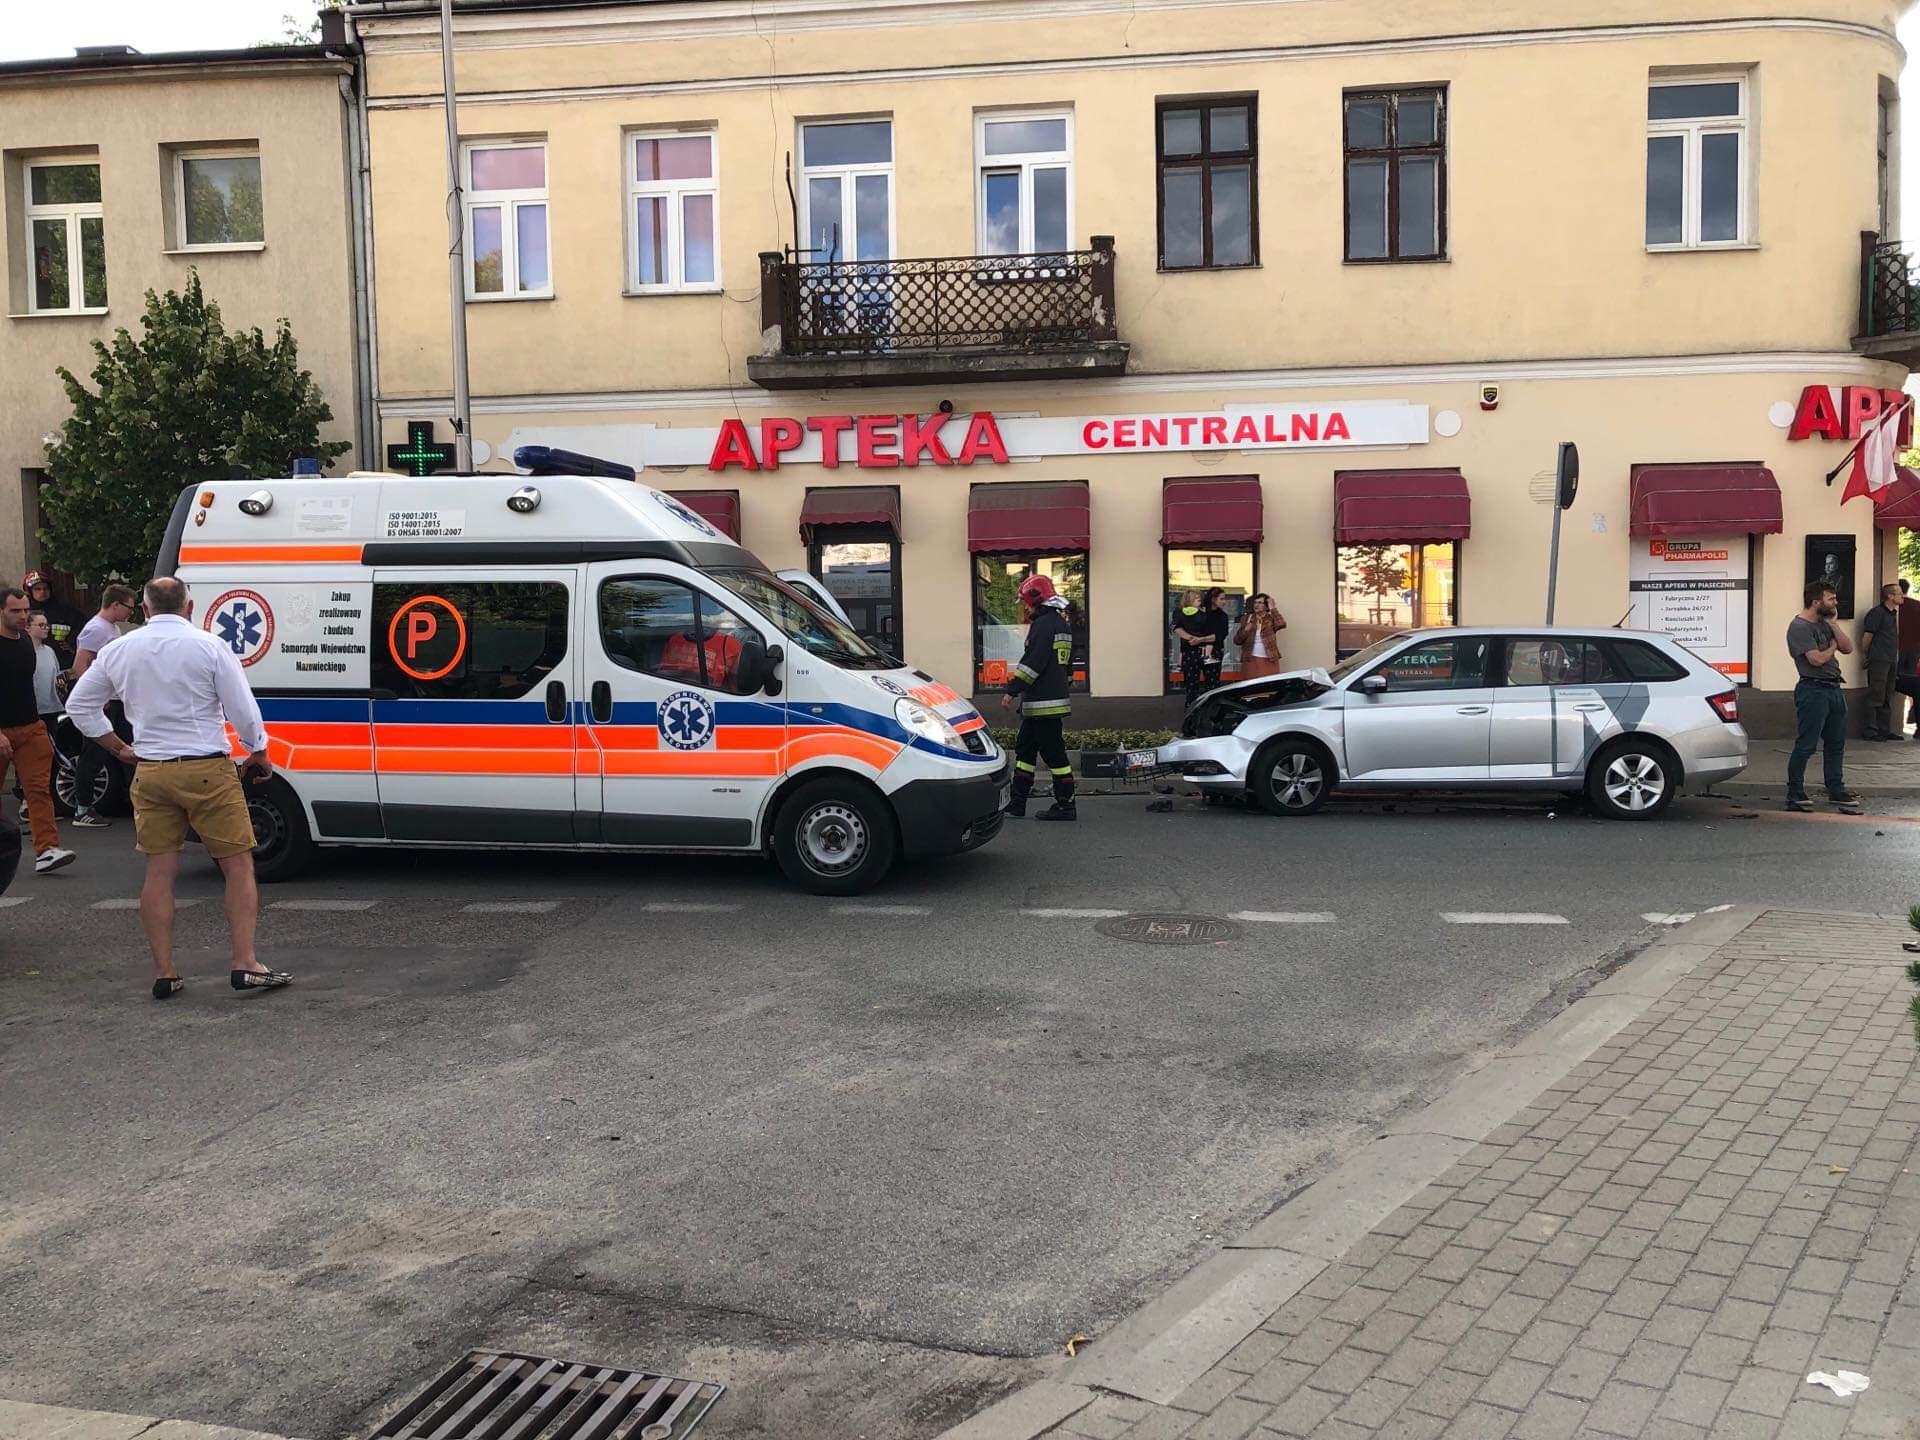 Wypadek w centrum miasta